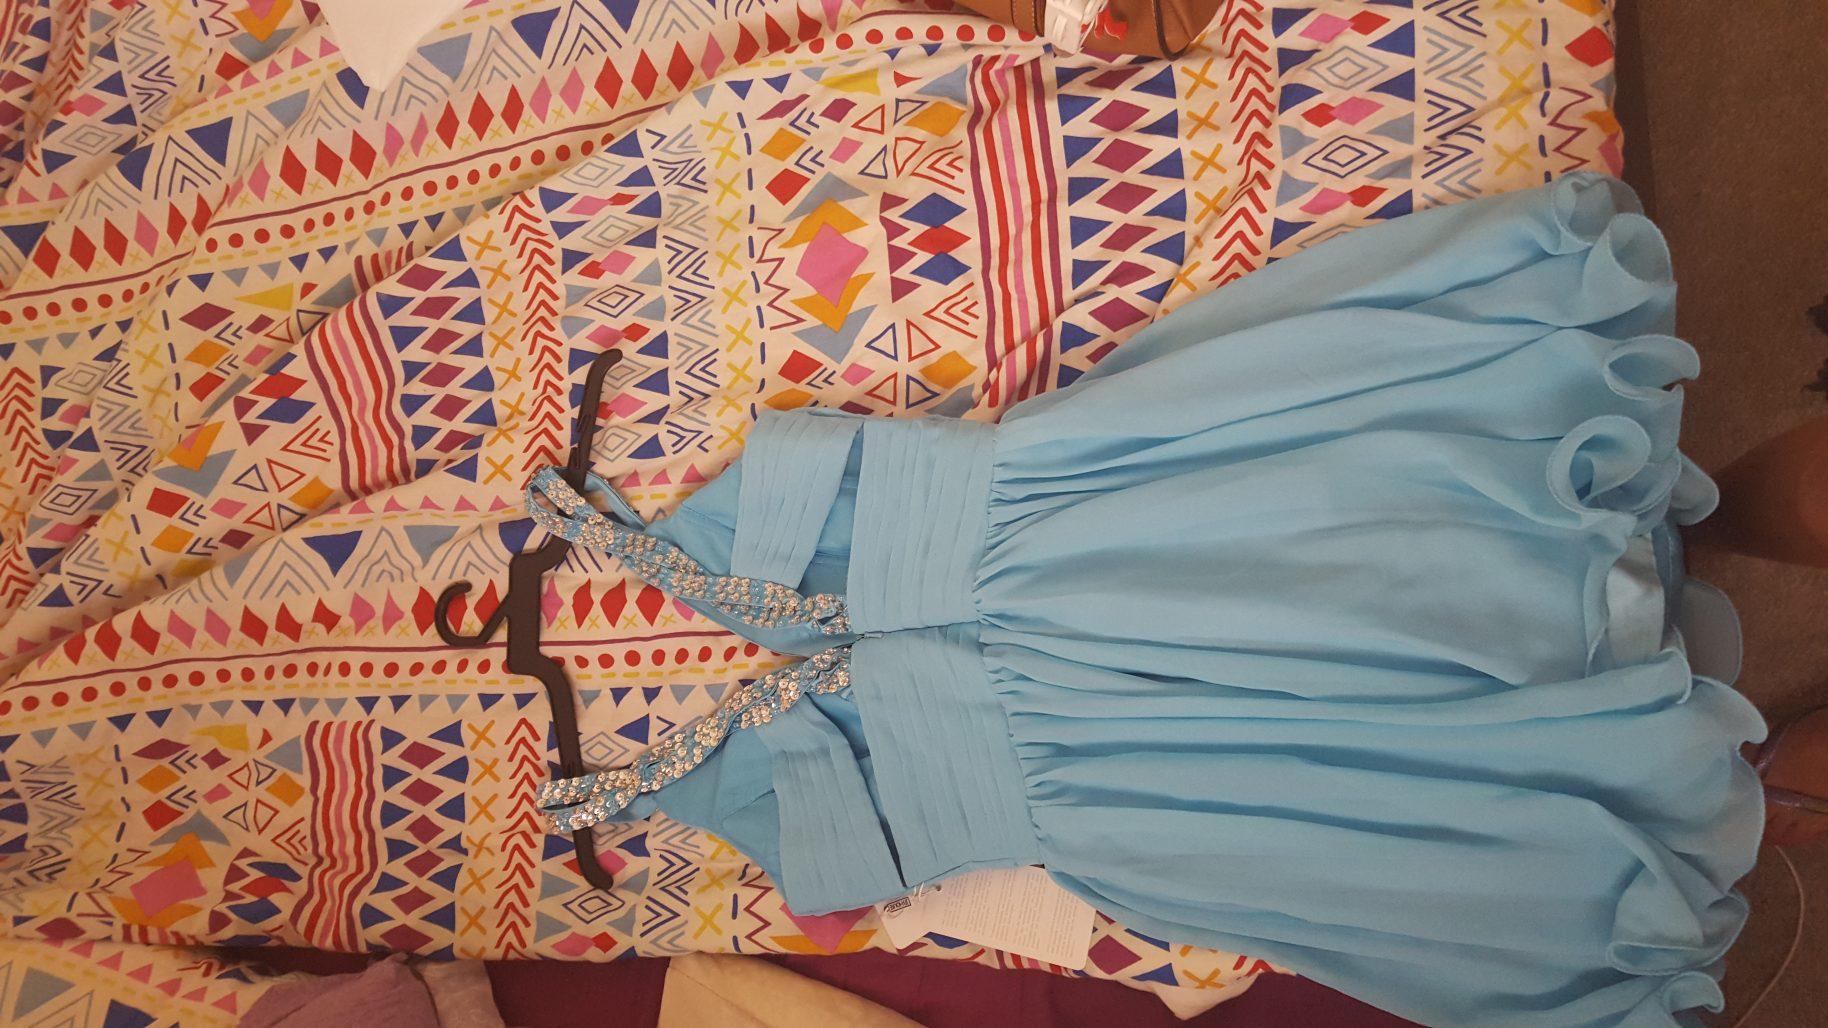 תמונות נוספות של שמלה מהממת לעונה החתונות